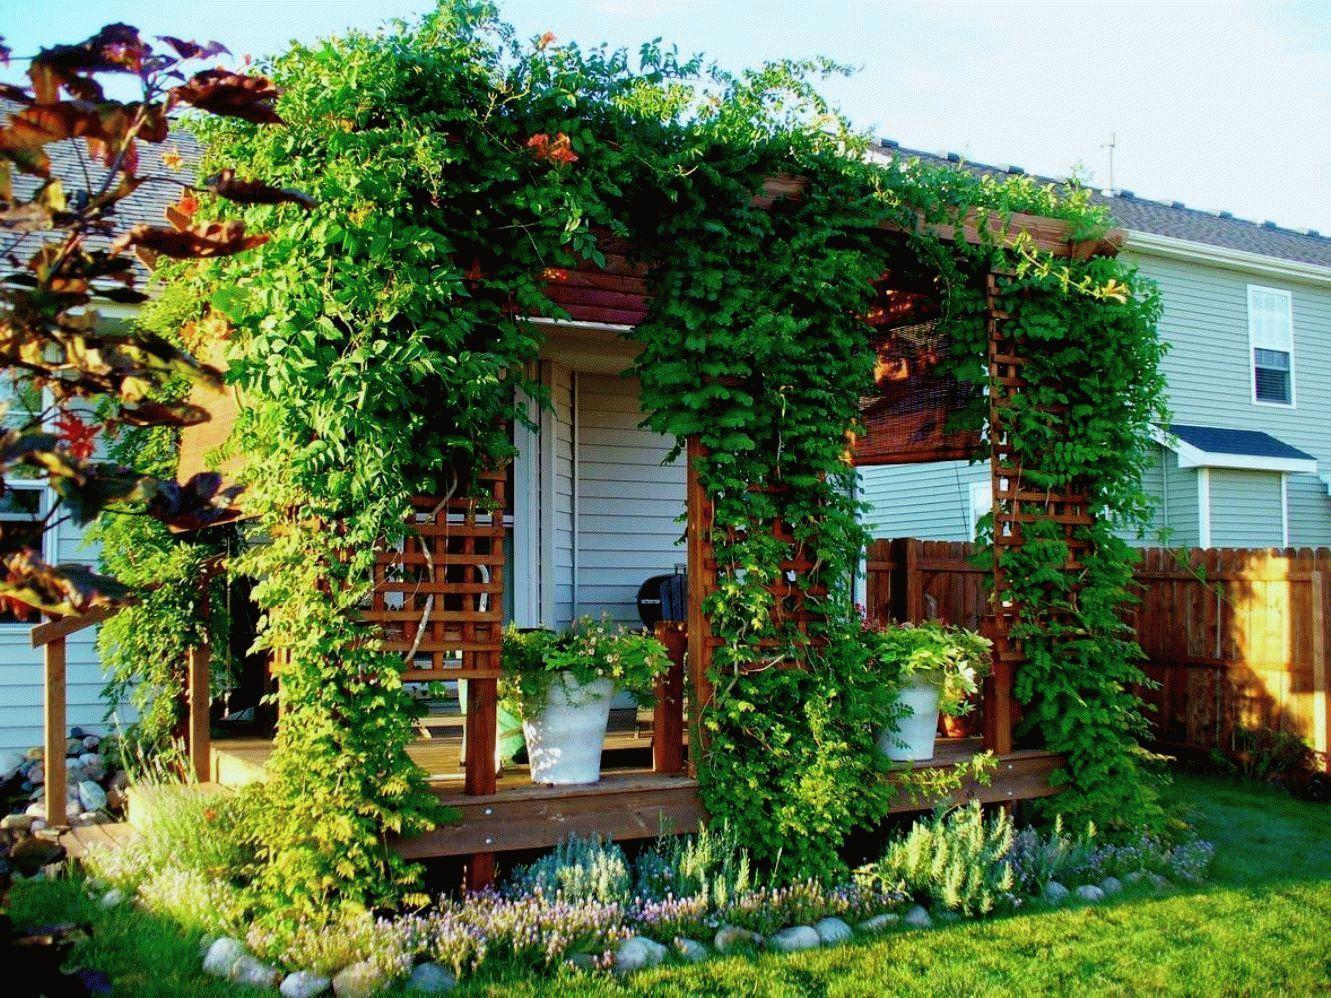 приятно вертикальное озеленение на даче своими руками фото обозначенной